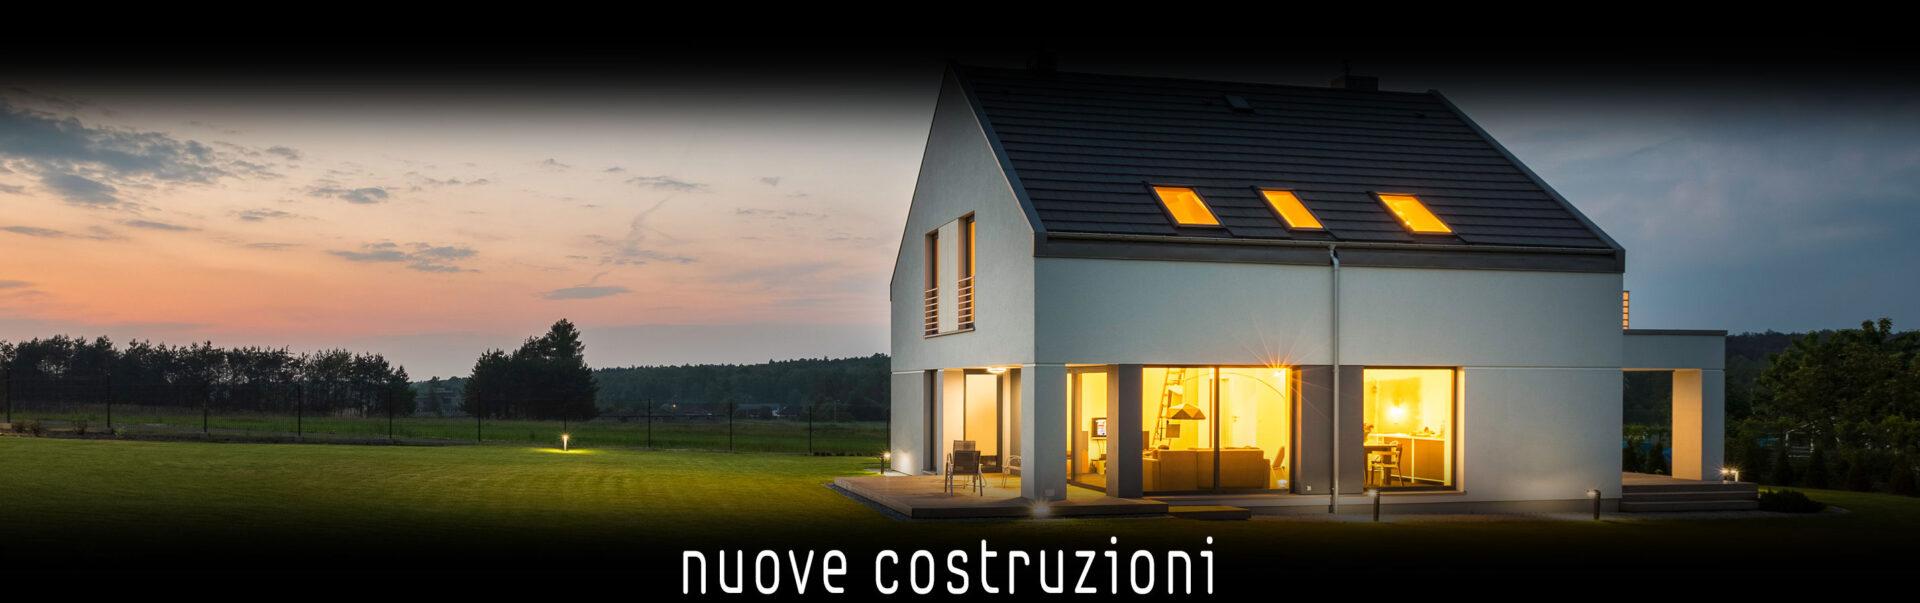 heatile_nuove_costruzioni